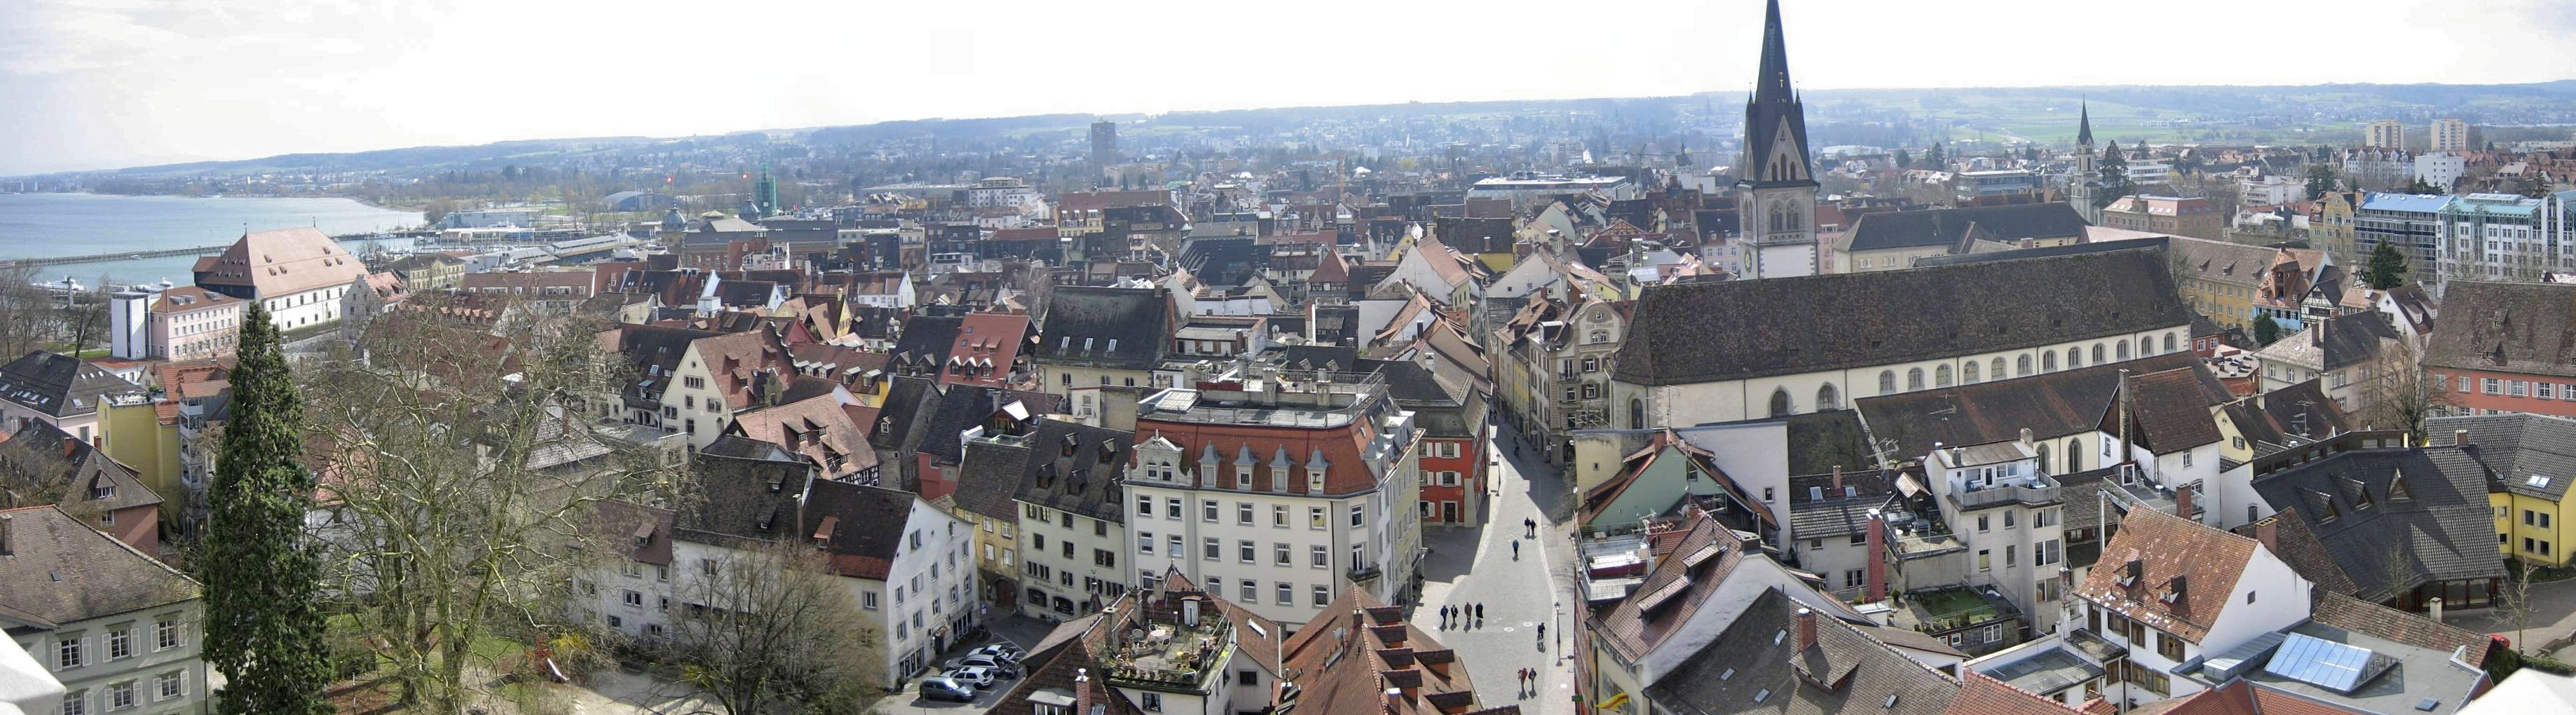 Konstanz dating